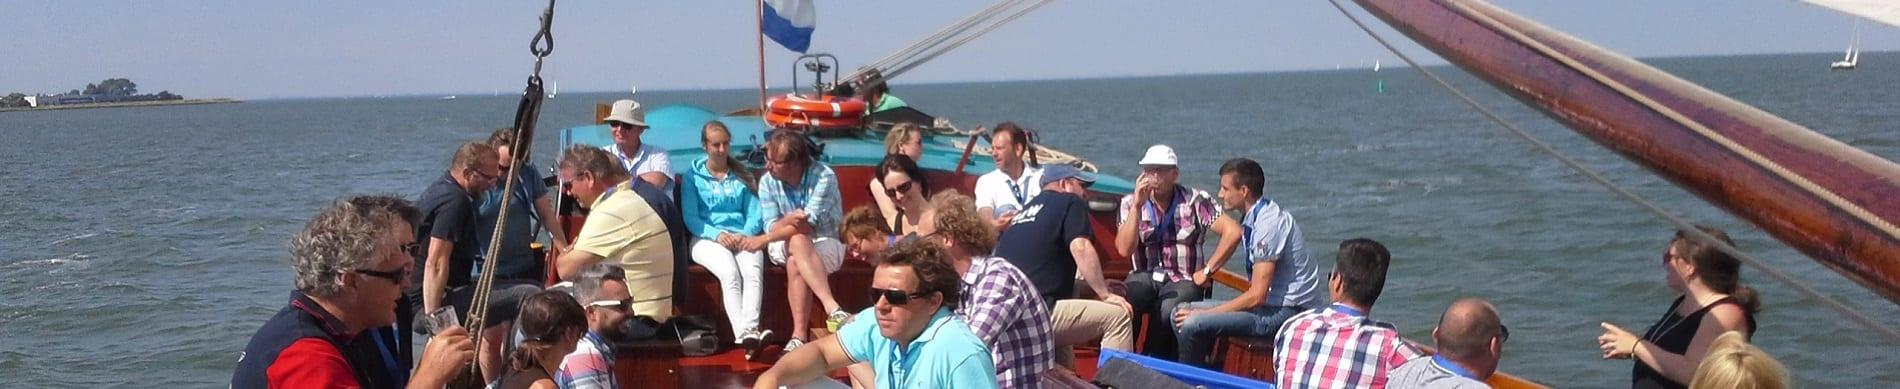 Betriebsausflug Segeln auf das IJsselmeer